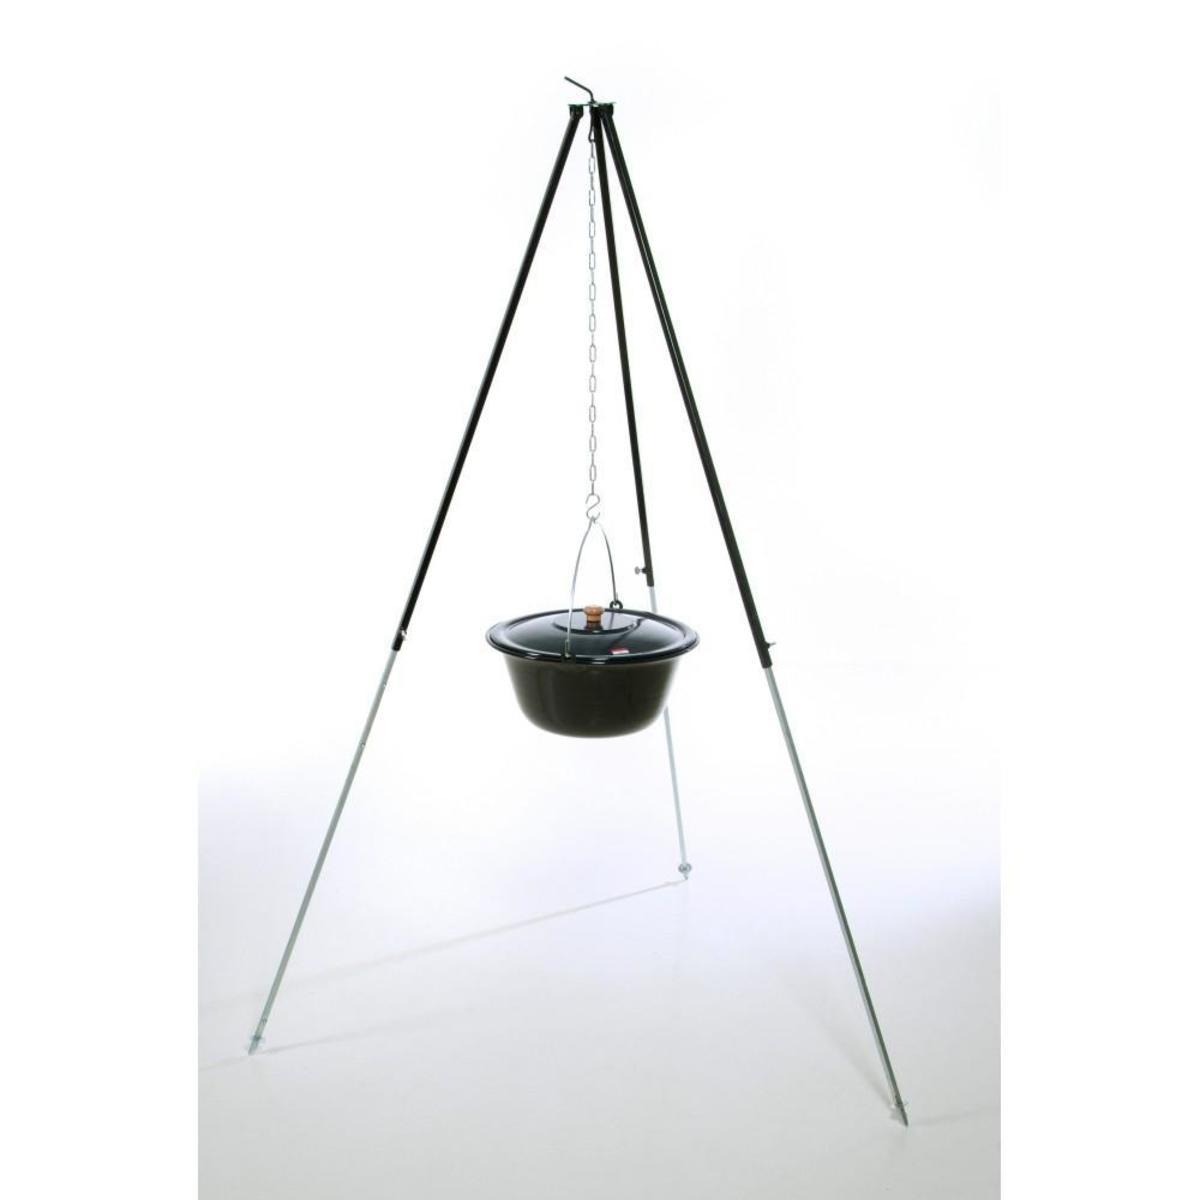 Bild 1 von acerto® Gulaschkessel 22 Liter + Dreibein 180cm